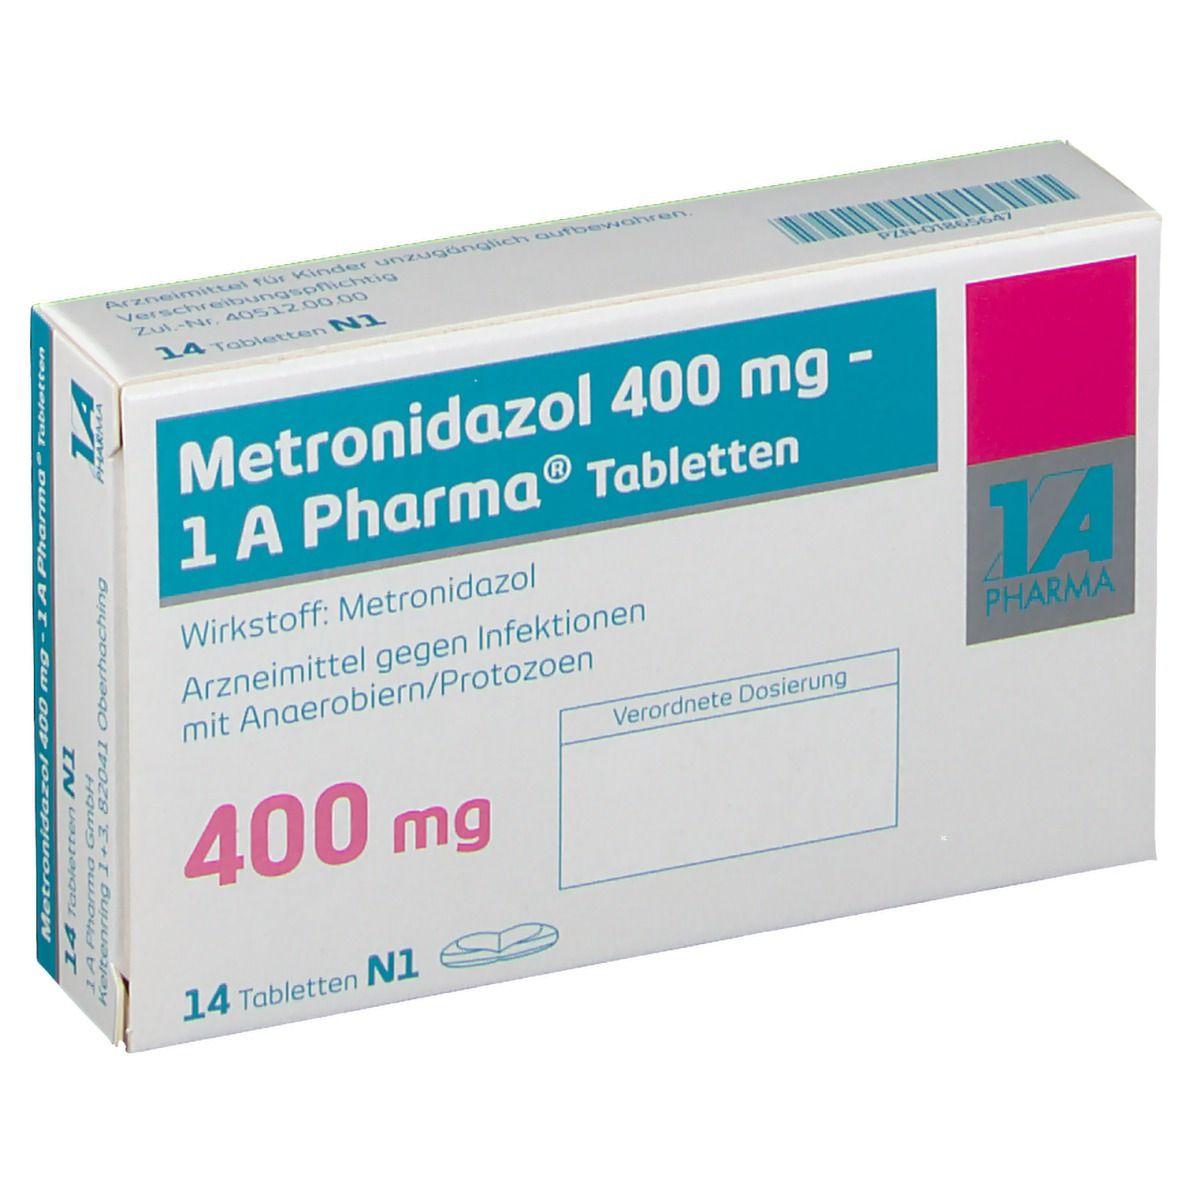 Простатит метронидазол мг можно ли пить мочегонное при простатите